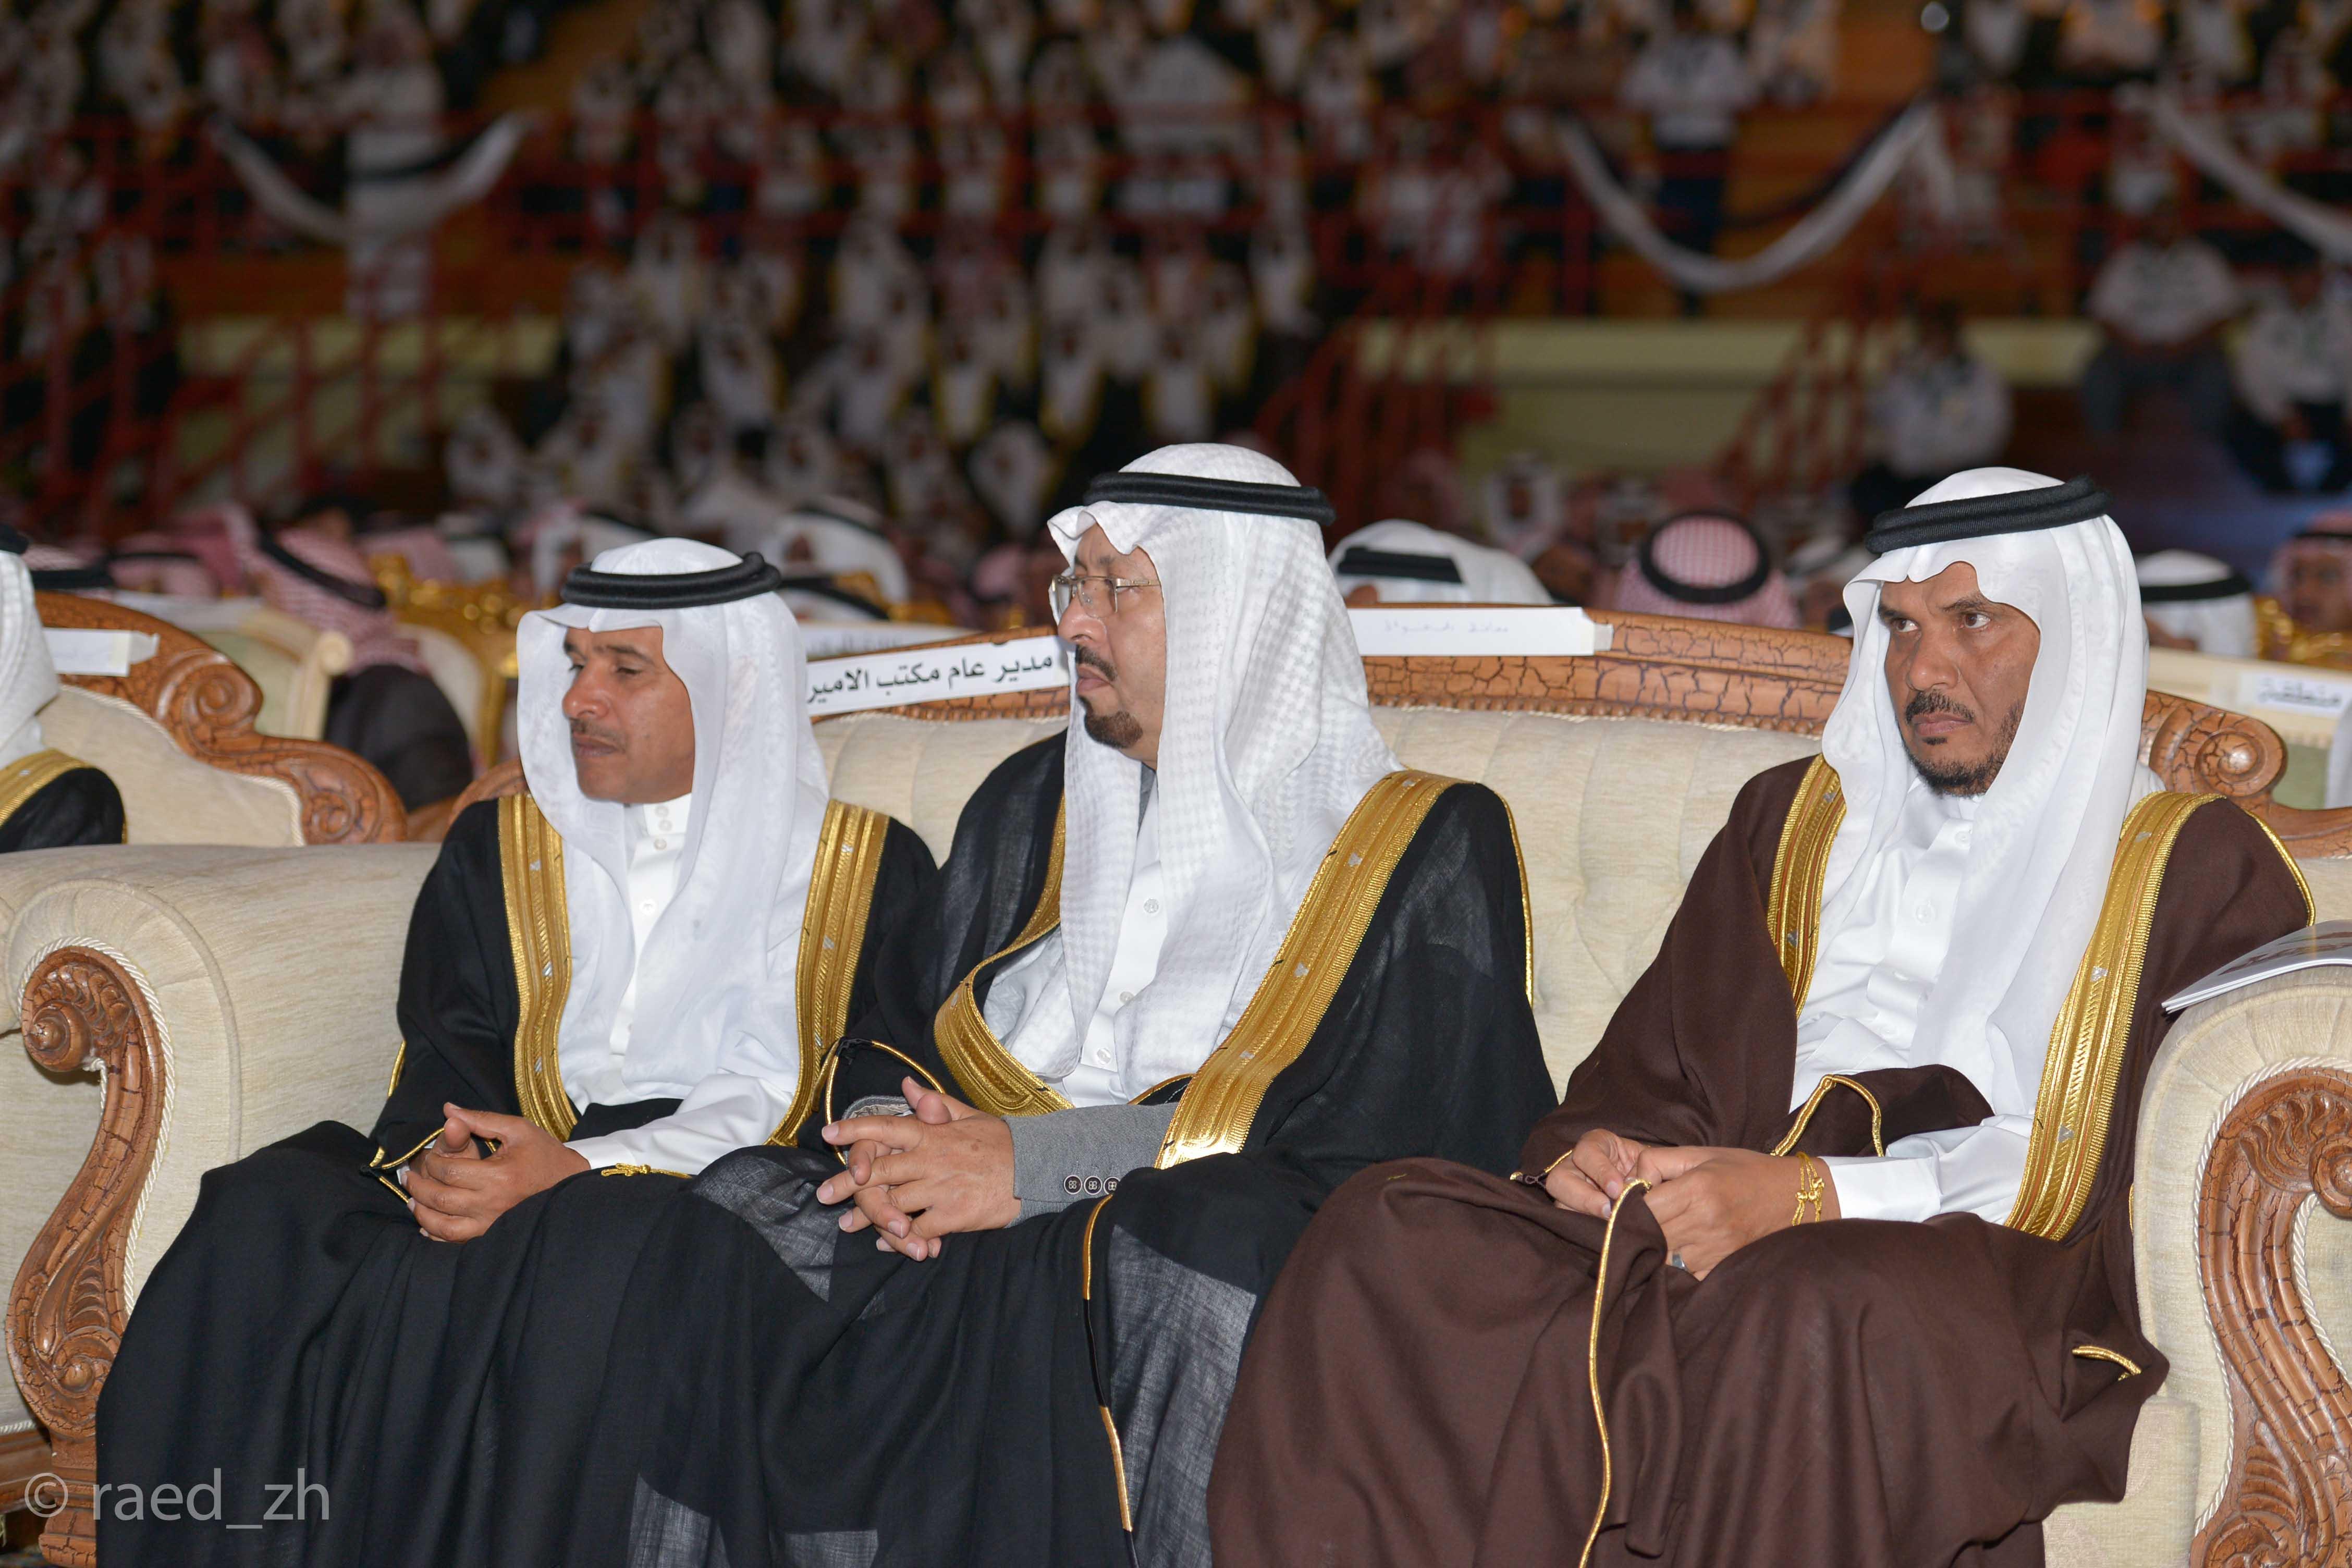 امير الباحة يرعى تخريج الدفعة العاشرة من طلاب وطالبات جامعة الباحة (17)